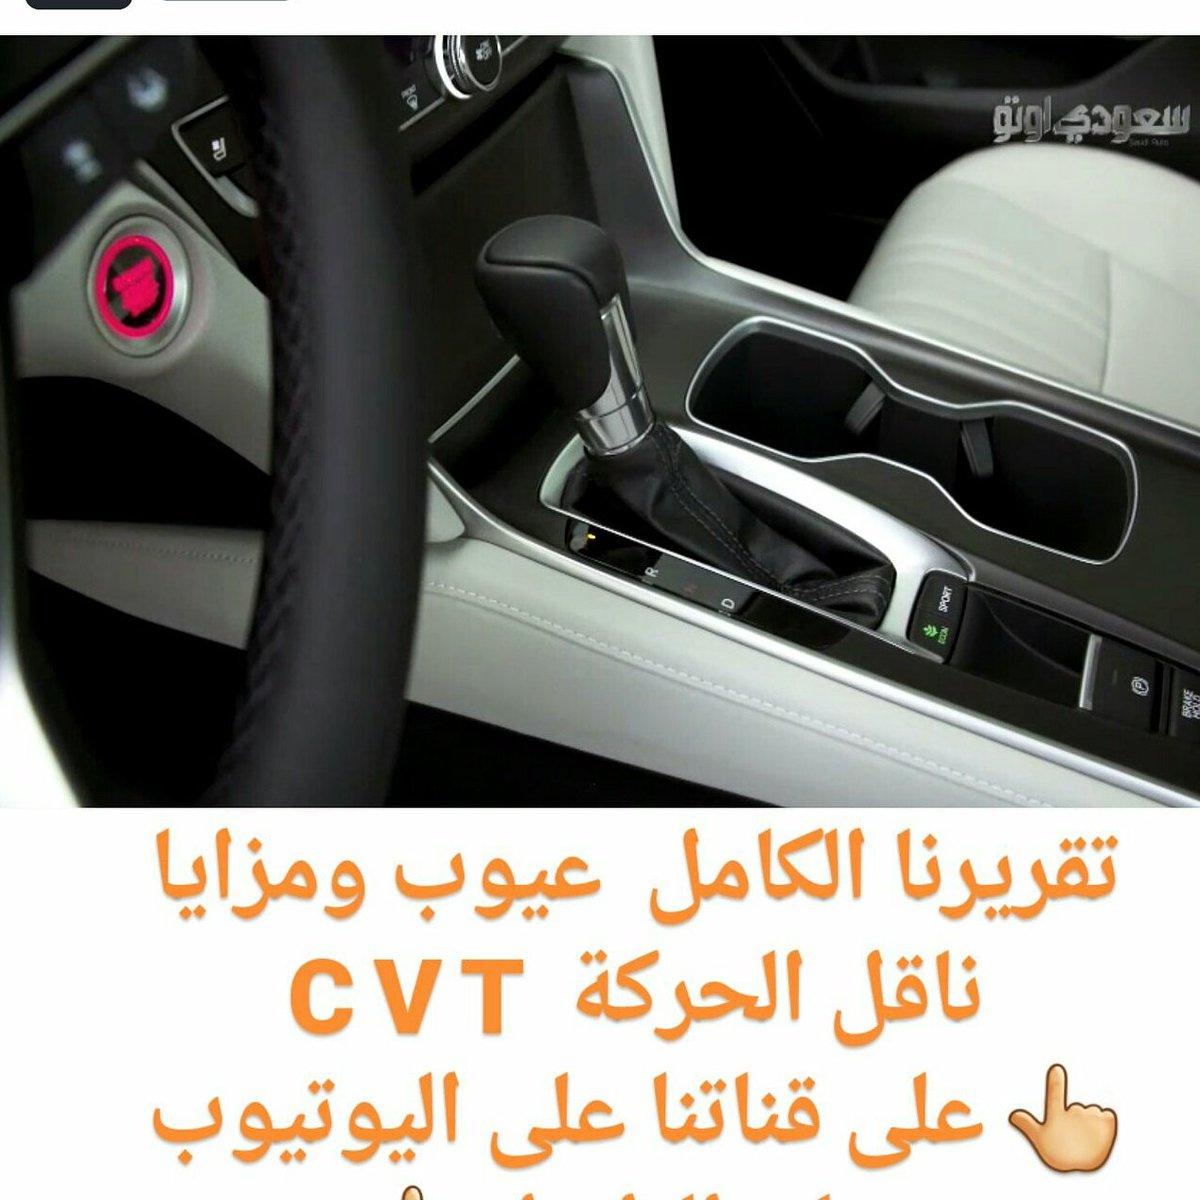 ... لكم كل جديد سعودي_اوتو CVT CAR سنابات انستجرام انستاقرام فيسبوك youtube instagram snapchat السعوديه سيارات محركpic.twitter.com/sEQ6nxe613